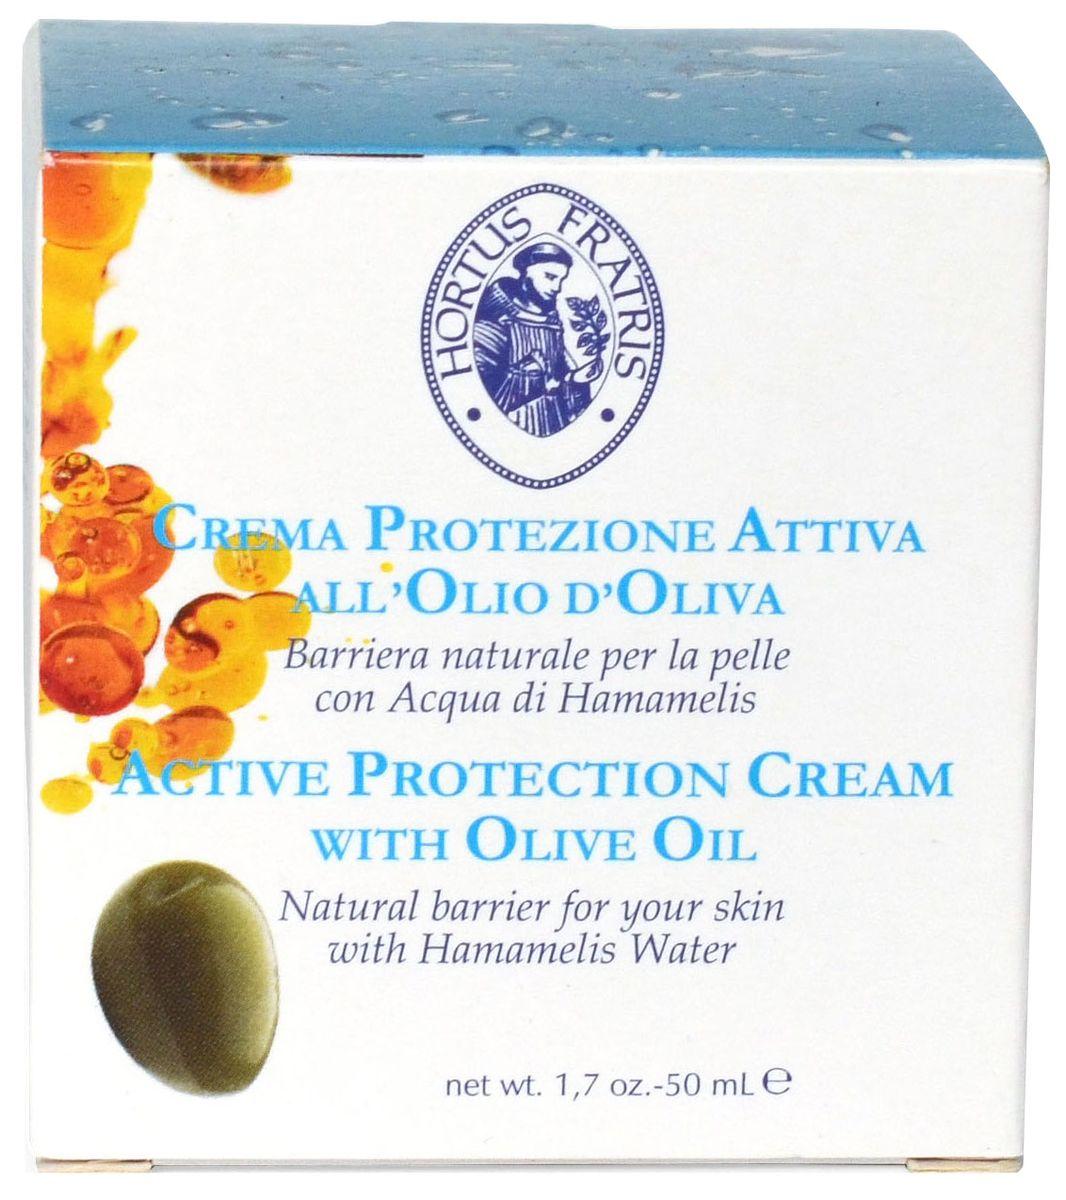 Hortus Fratris крем защитный для лица с оливковым маслом, 50 мл14002Защитный крем с оливковым масломзащищает кожу лица, предохраняет ее от загрязнения, холода и агрессивного климатического воздействия благодаря содержащимся в нем ценным активным компонентам. Богатый оливковым маслом, крем создает естественный барьер негативному влиянию окружающей среды, защищает кожу в самые холодные месяцы года, активно борется с обезвоживанием, покраснениями и трещинками на коже. Защищает кожу лица от негативного воздействия окружающей среды и климатических условий. Препятствует образованию покраснений и трещин на коже. Делает кожу мягкой и шелковистой.